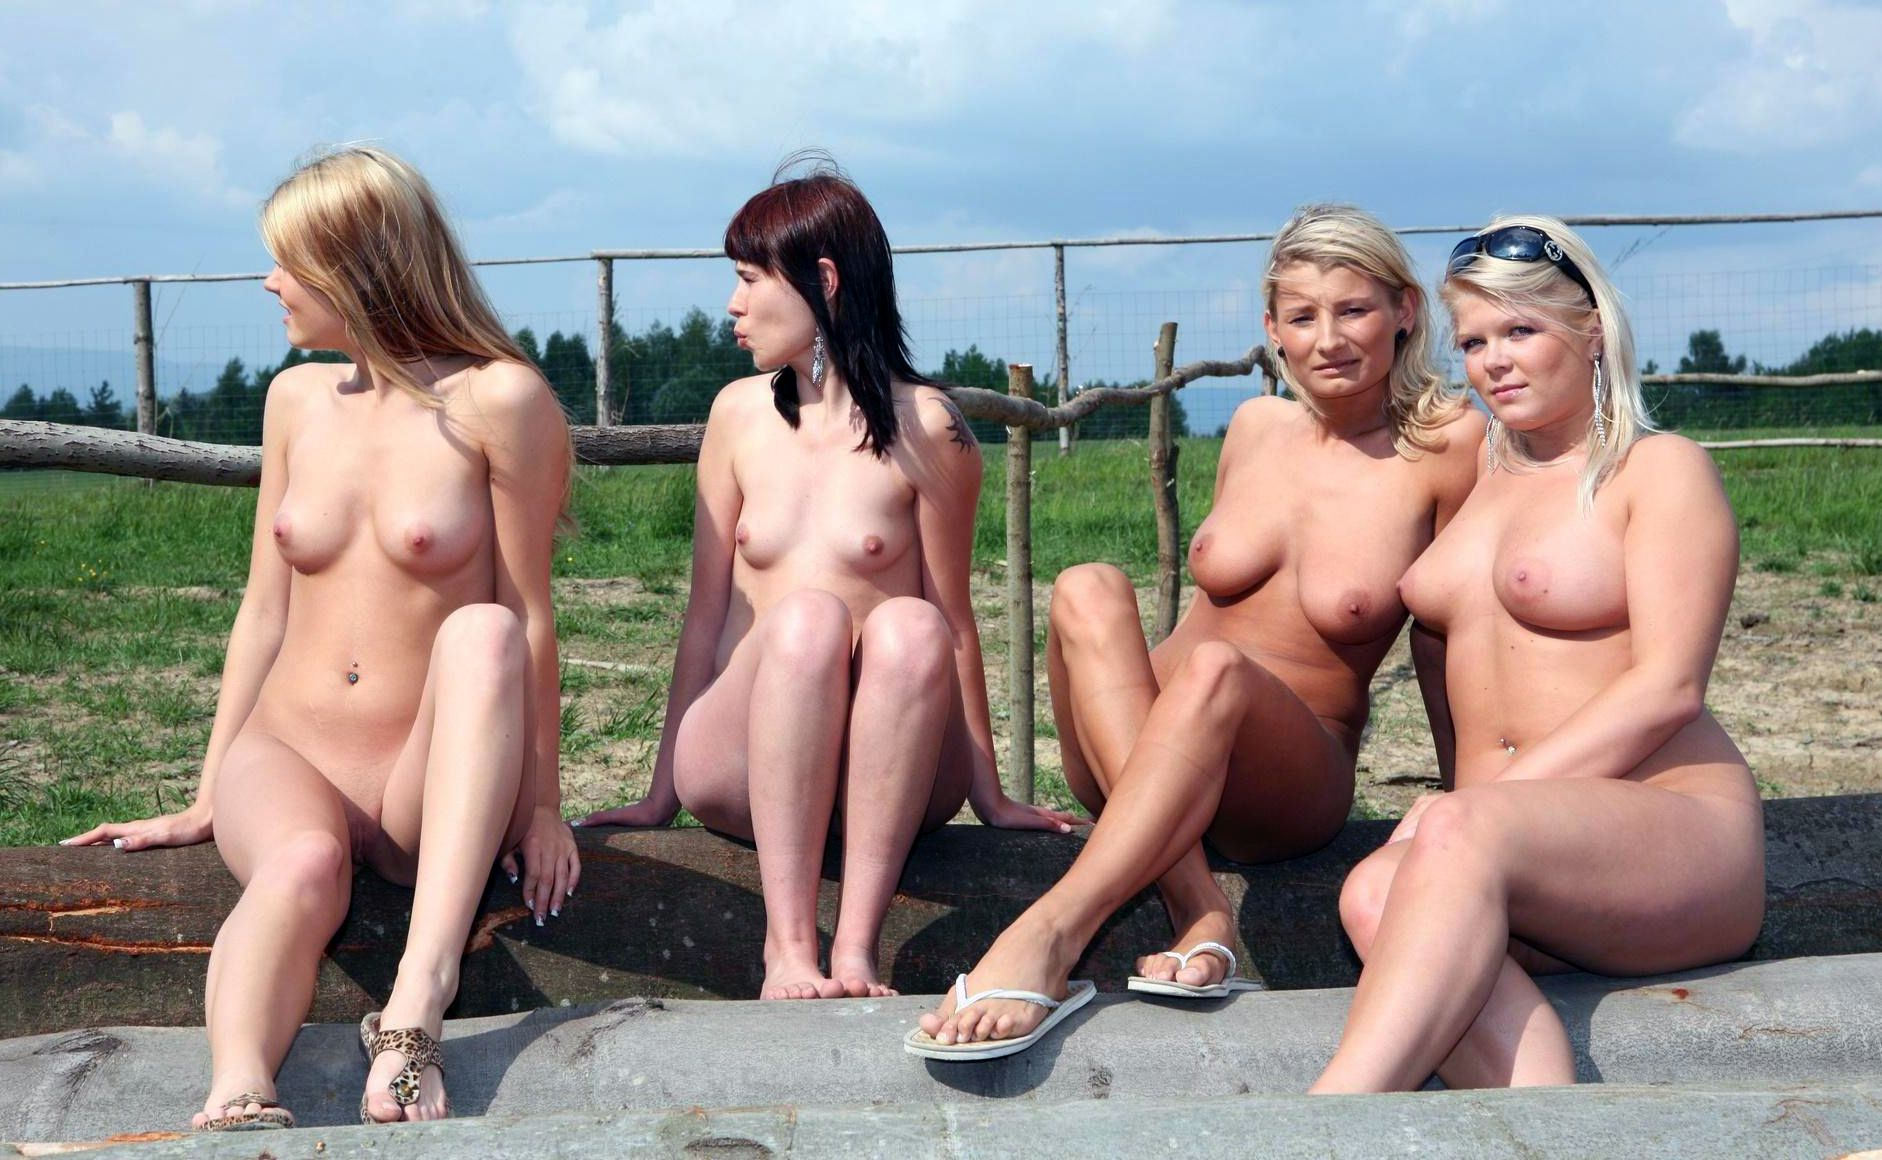 Filles nues au printemps b reak